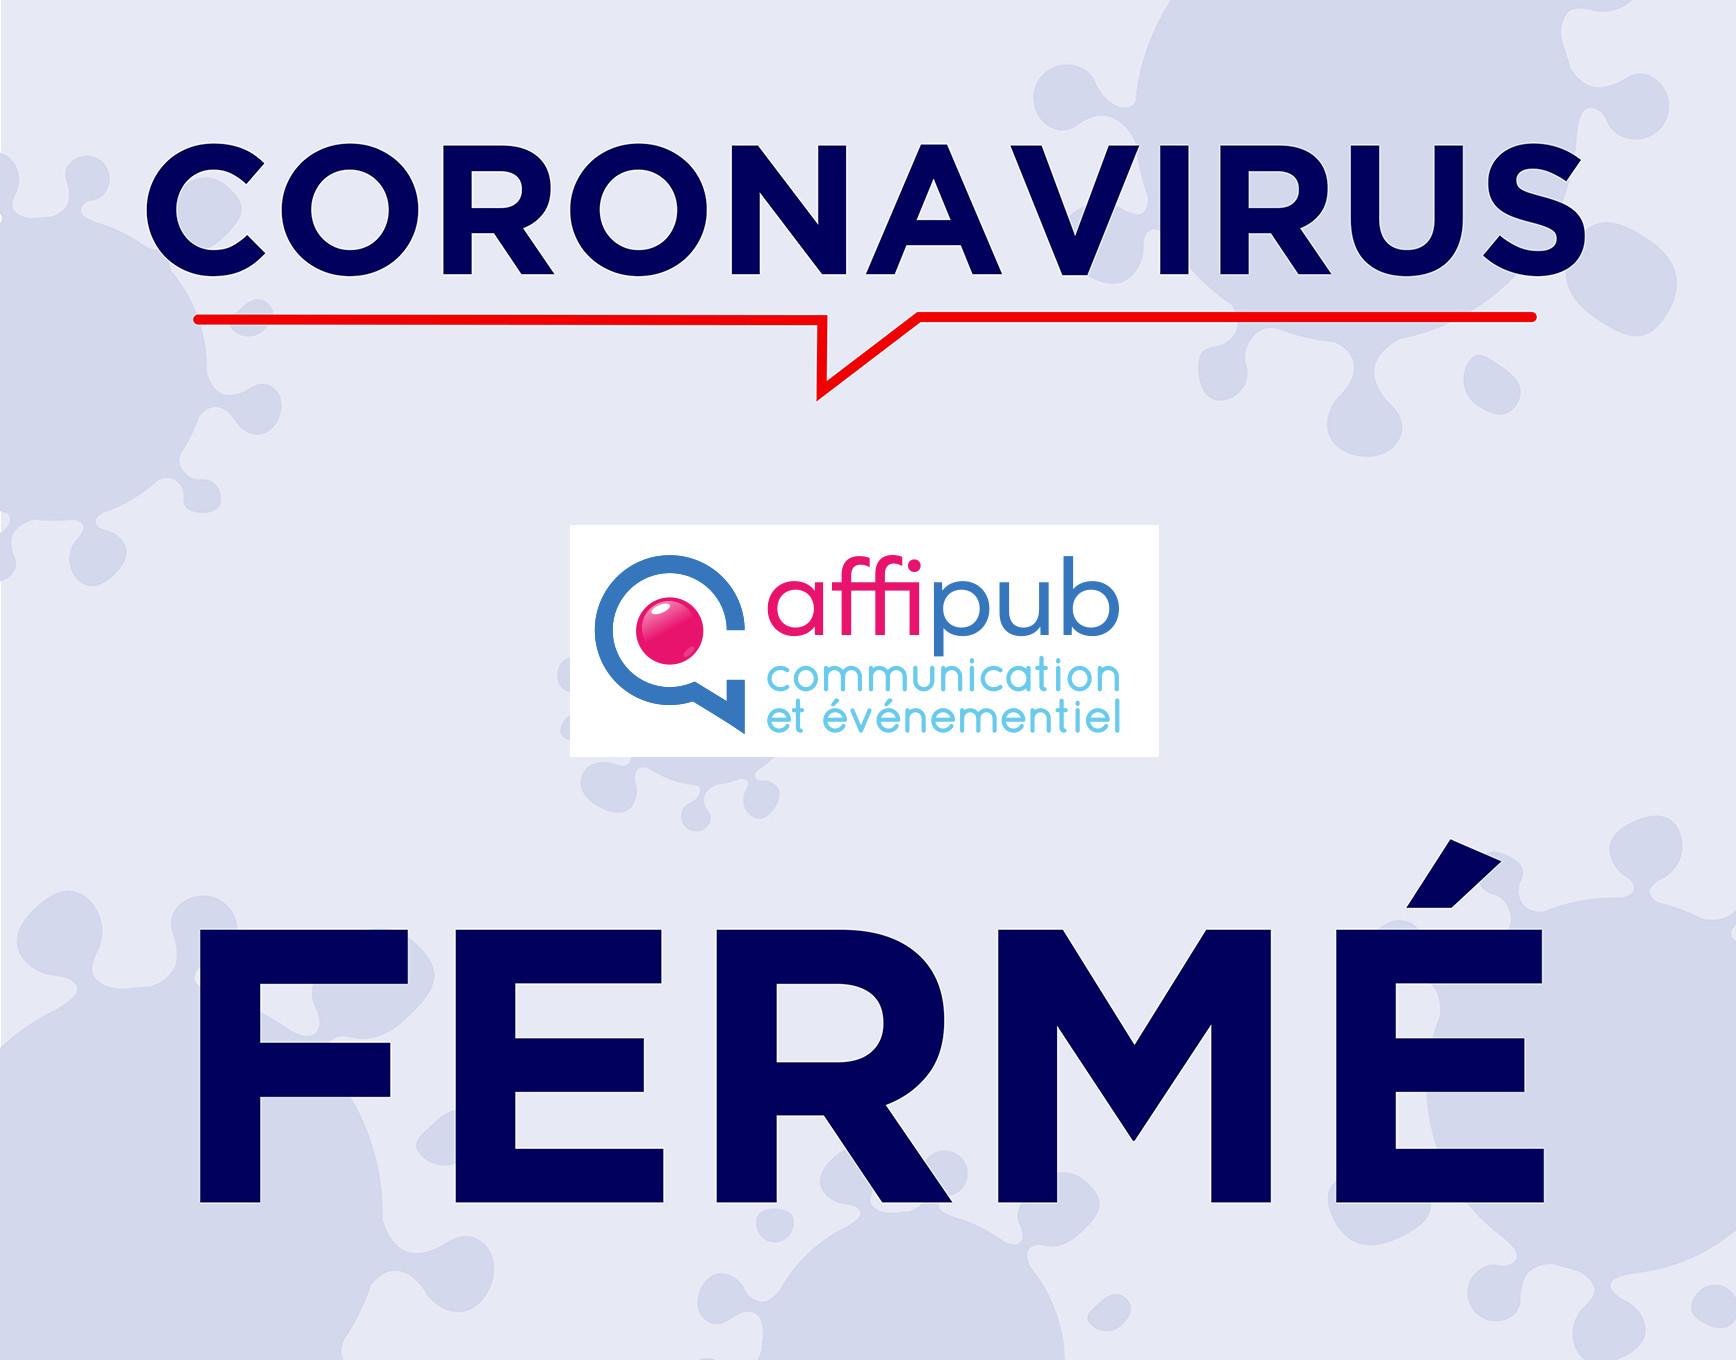 Les bureaux de la société Affipub fermés dans le cadre de la crise du Coronavirus Covid19 post thumbnail